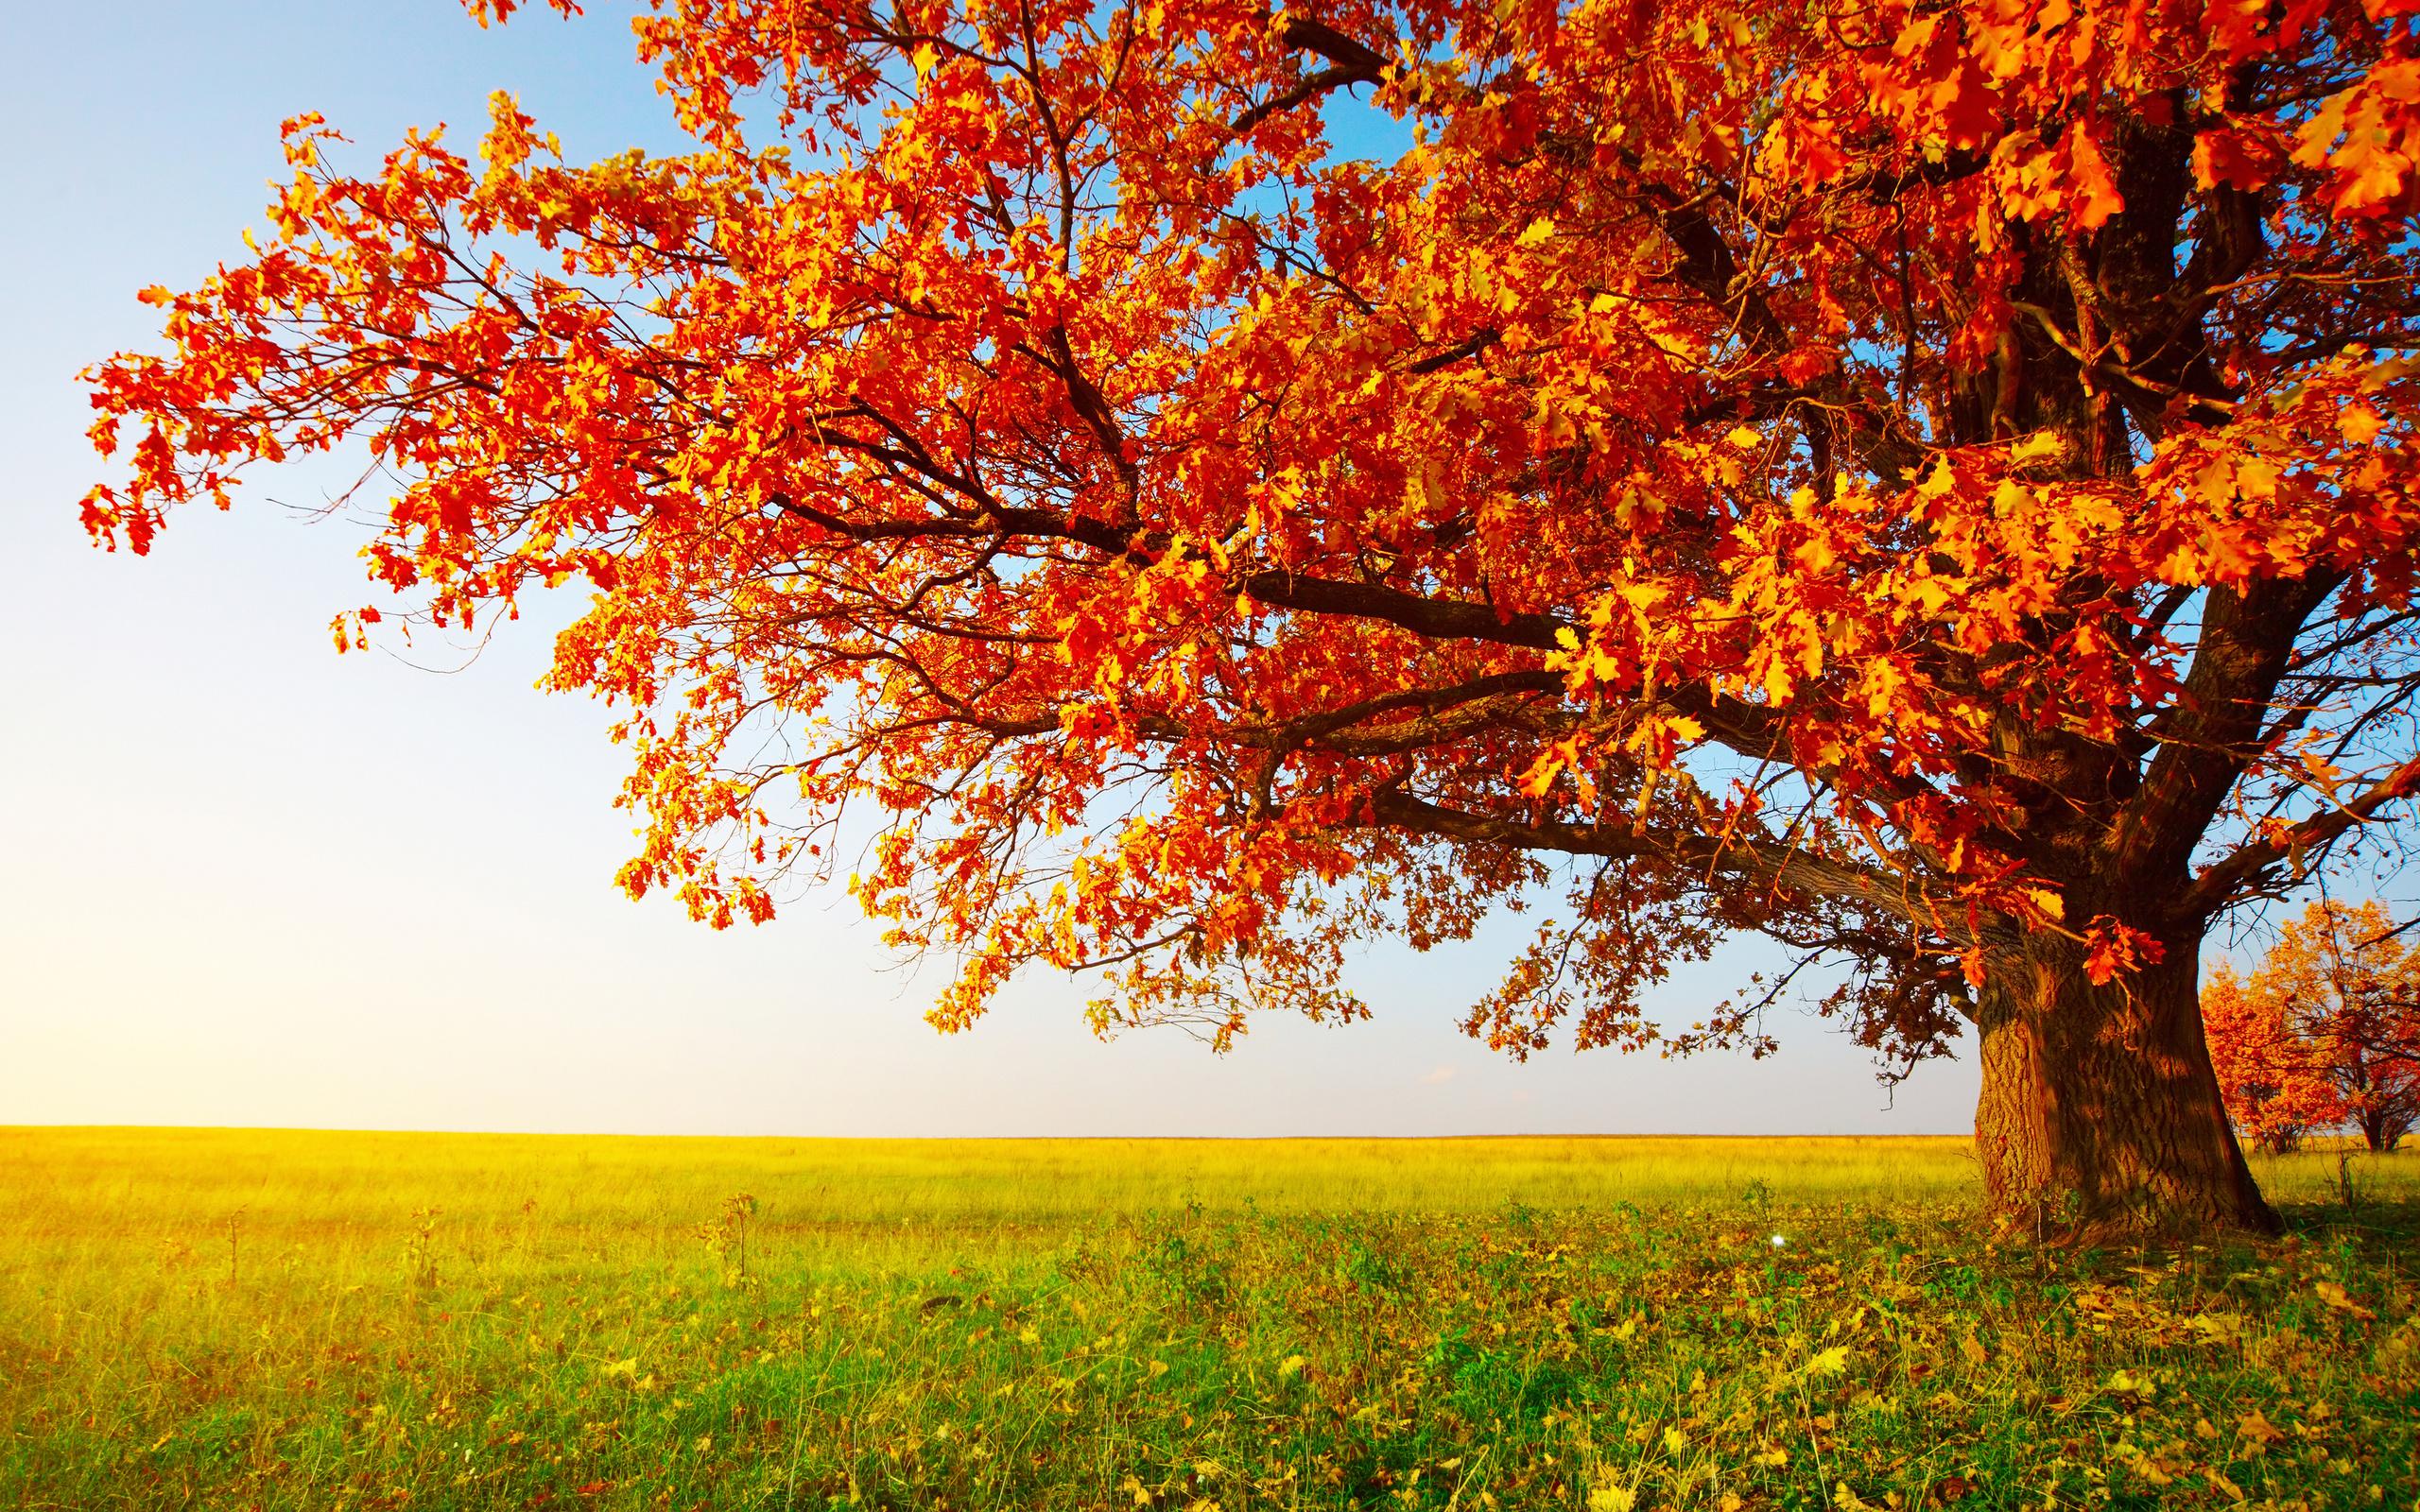 счастью, картинки про осень большие горб